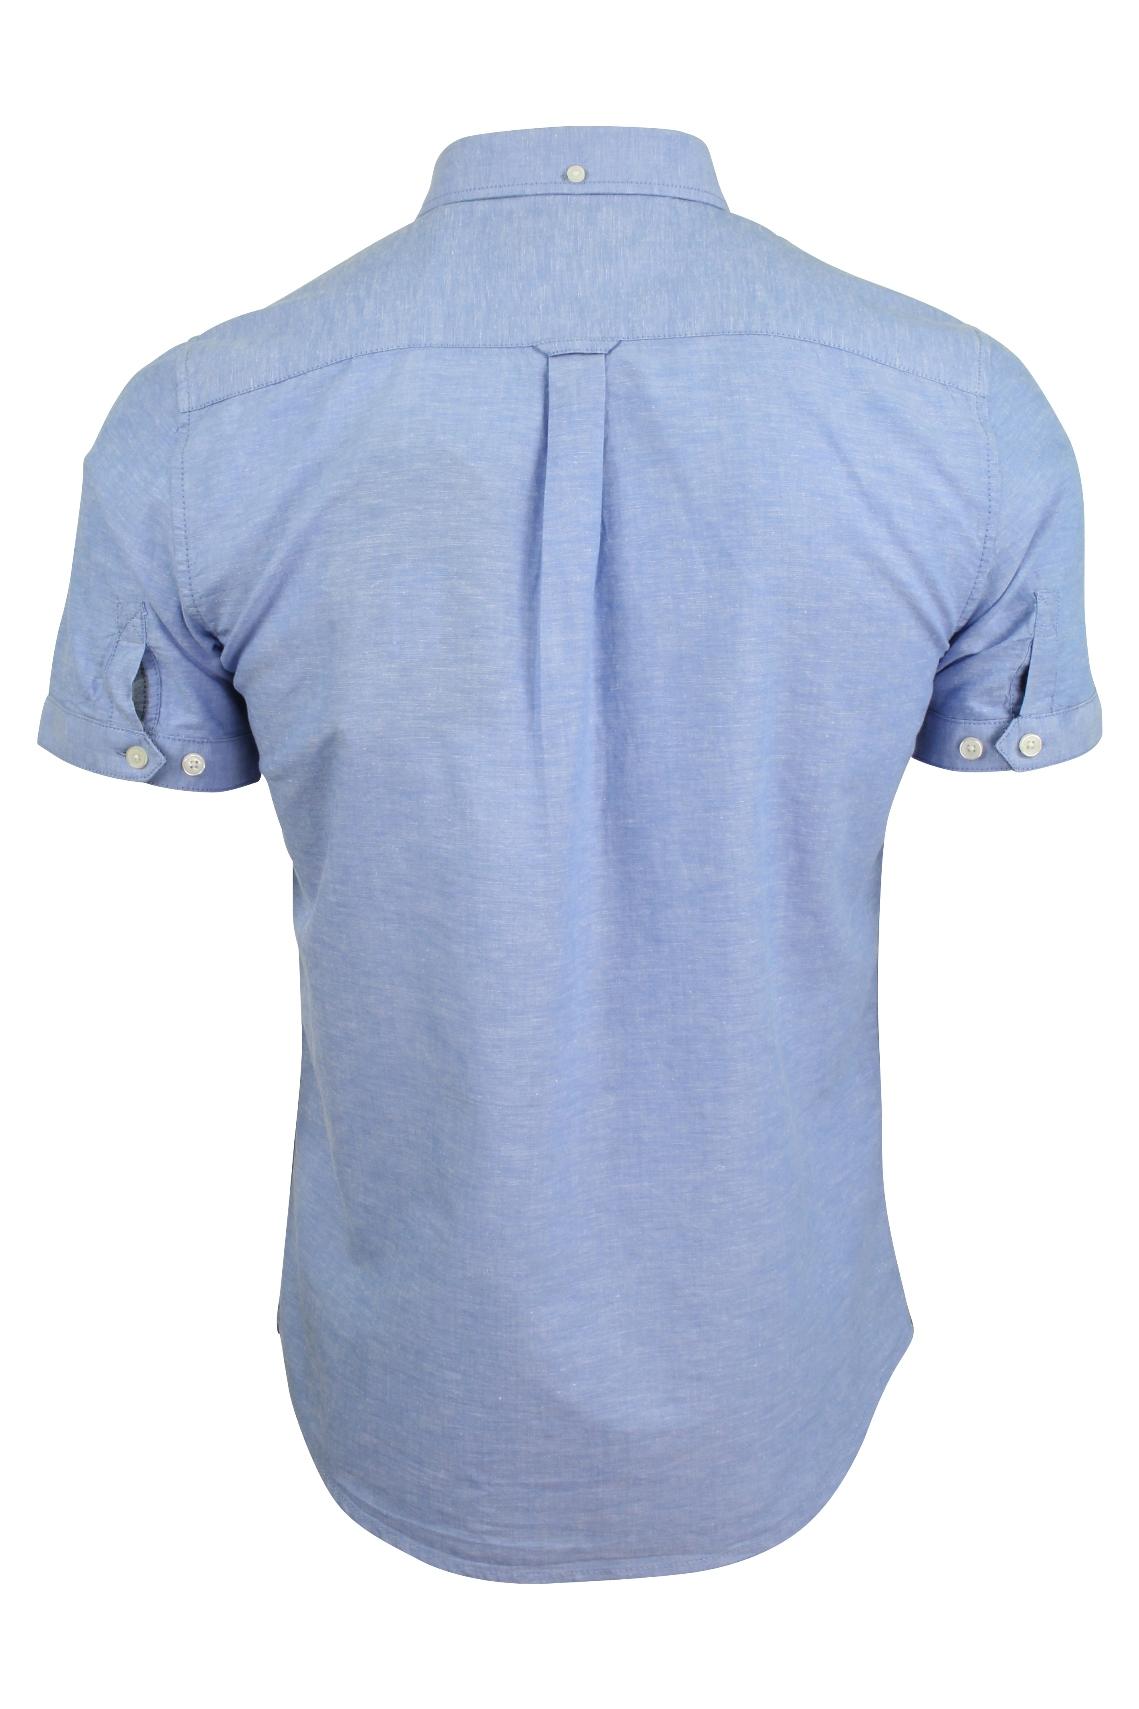 Tokyo-Laundry-Camicie-casual-039-Wells-039-Con-colletto-Manica-corta-Uomo